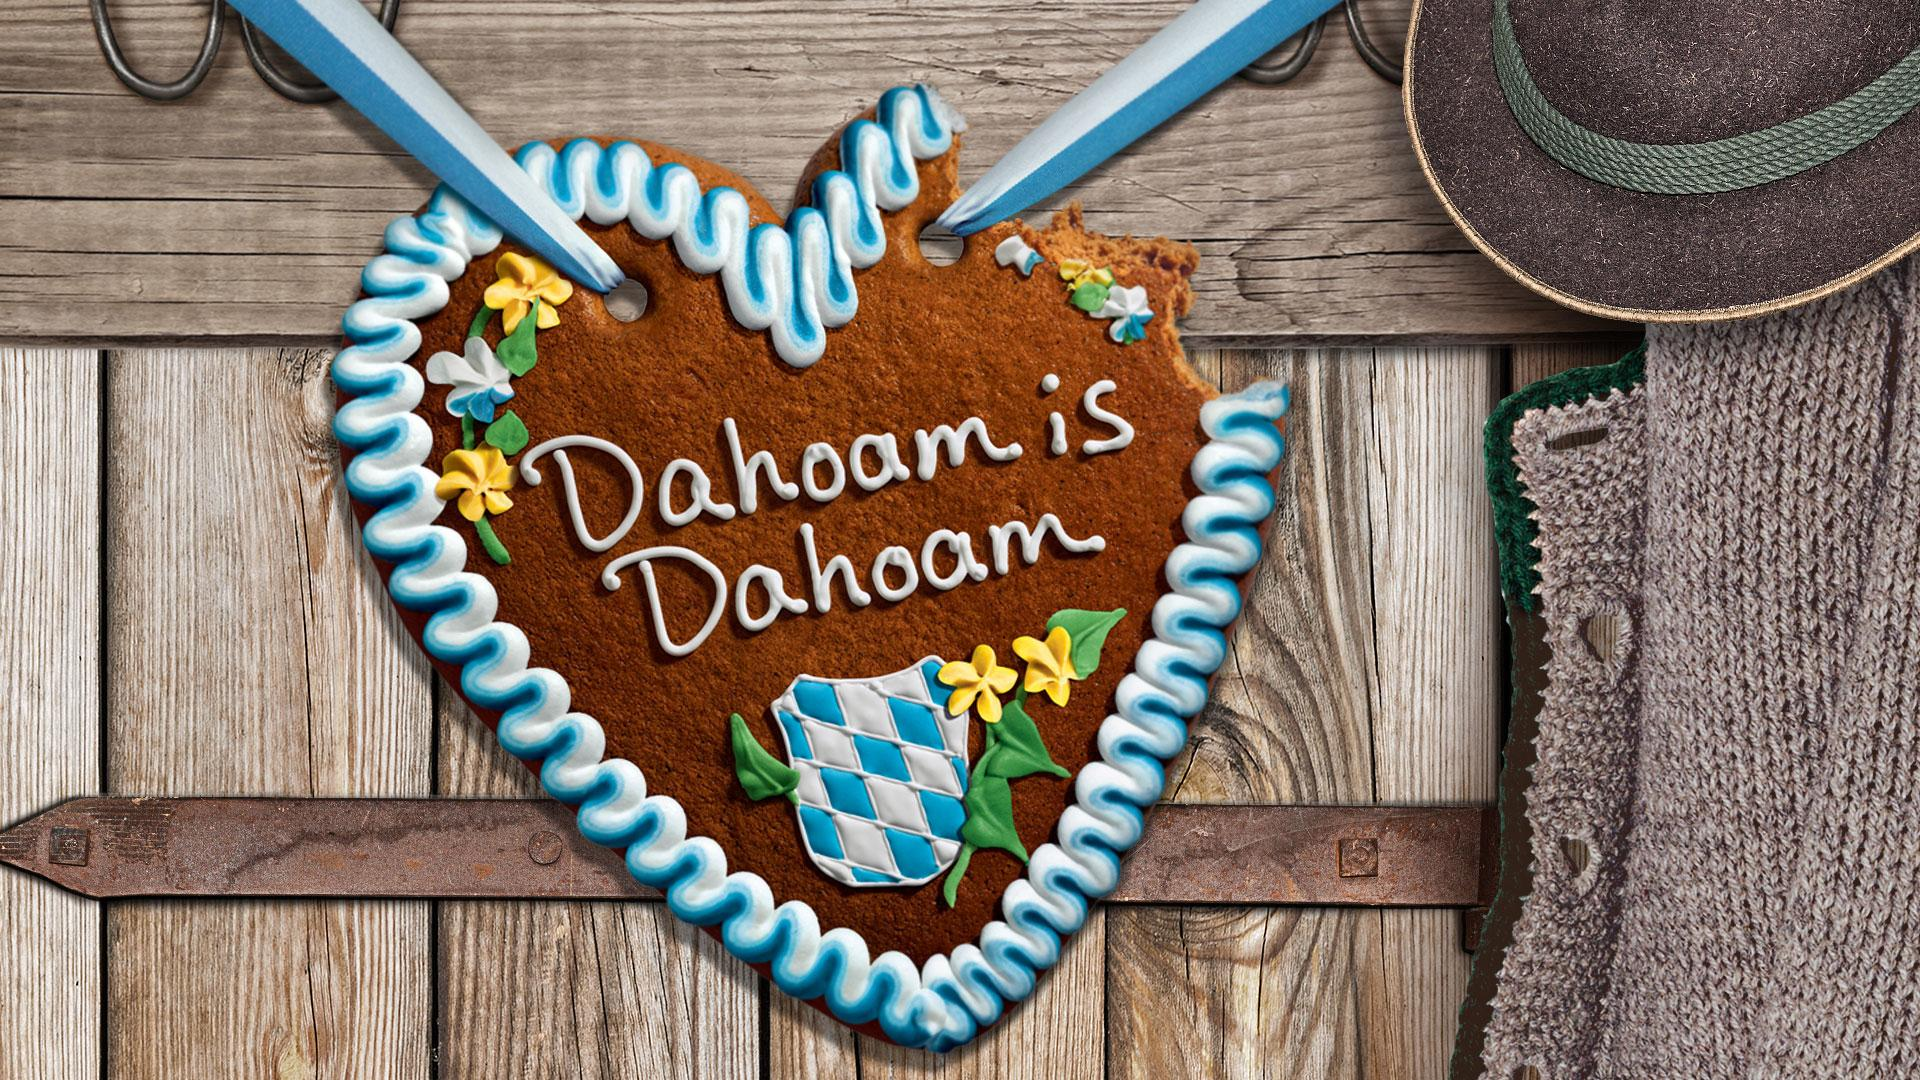 Br3 Mediathek Dahoam Is Dahoam